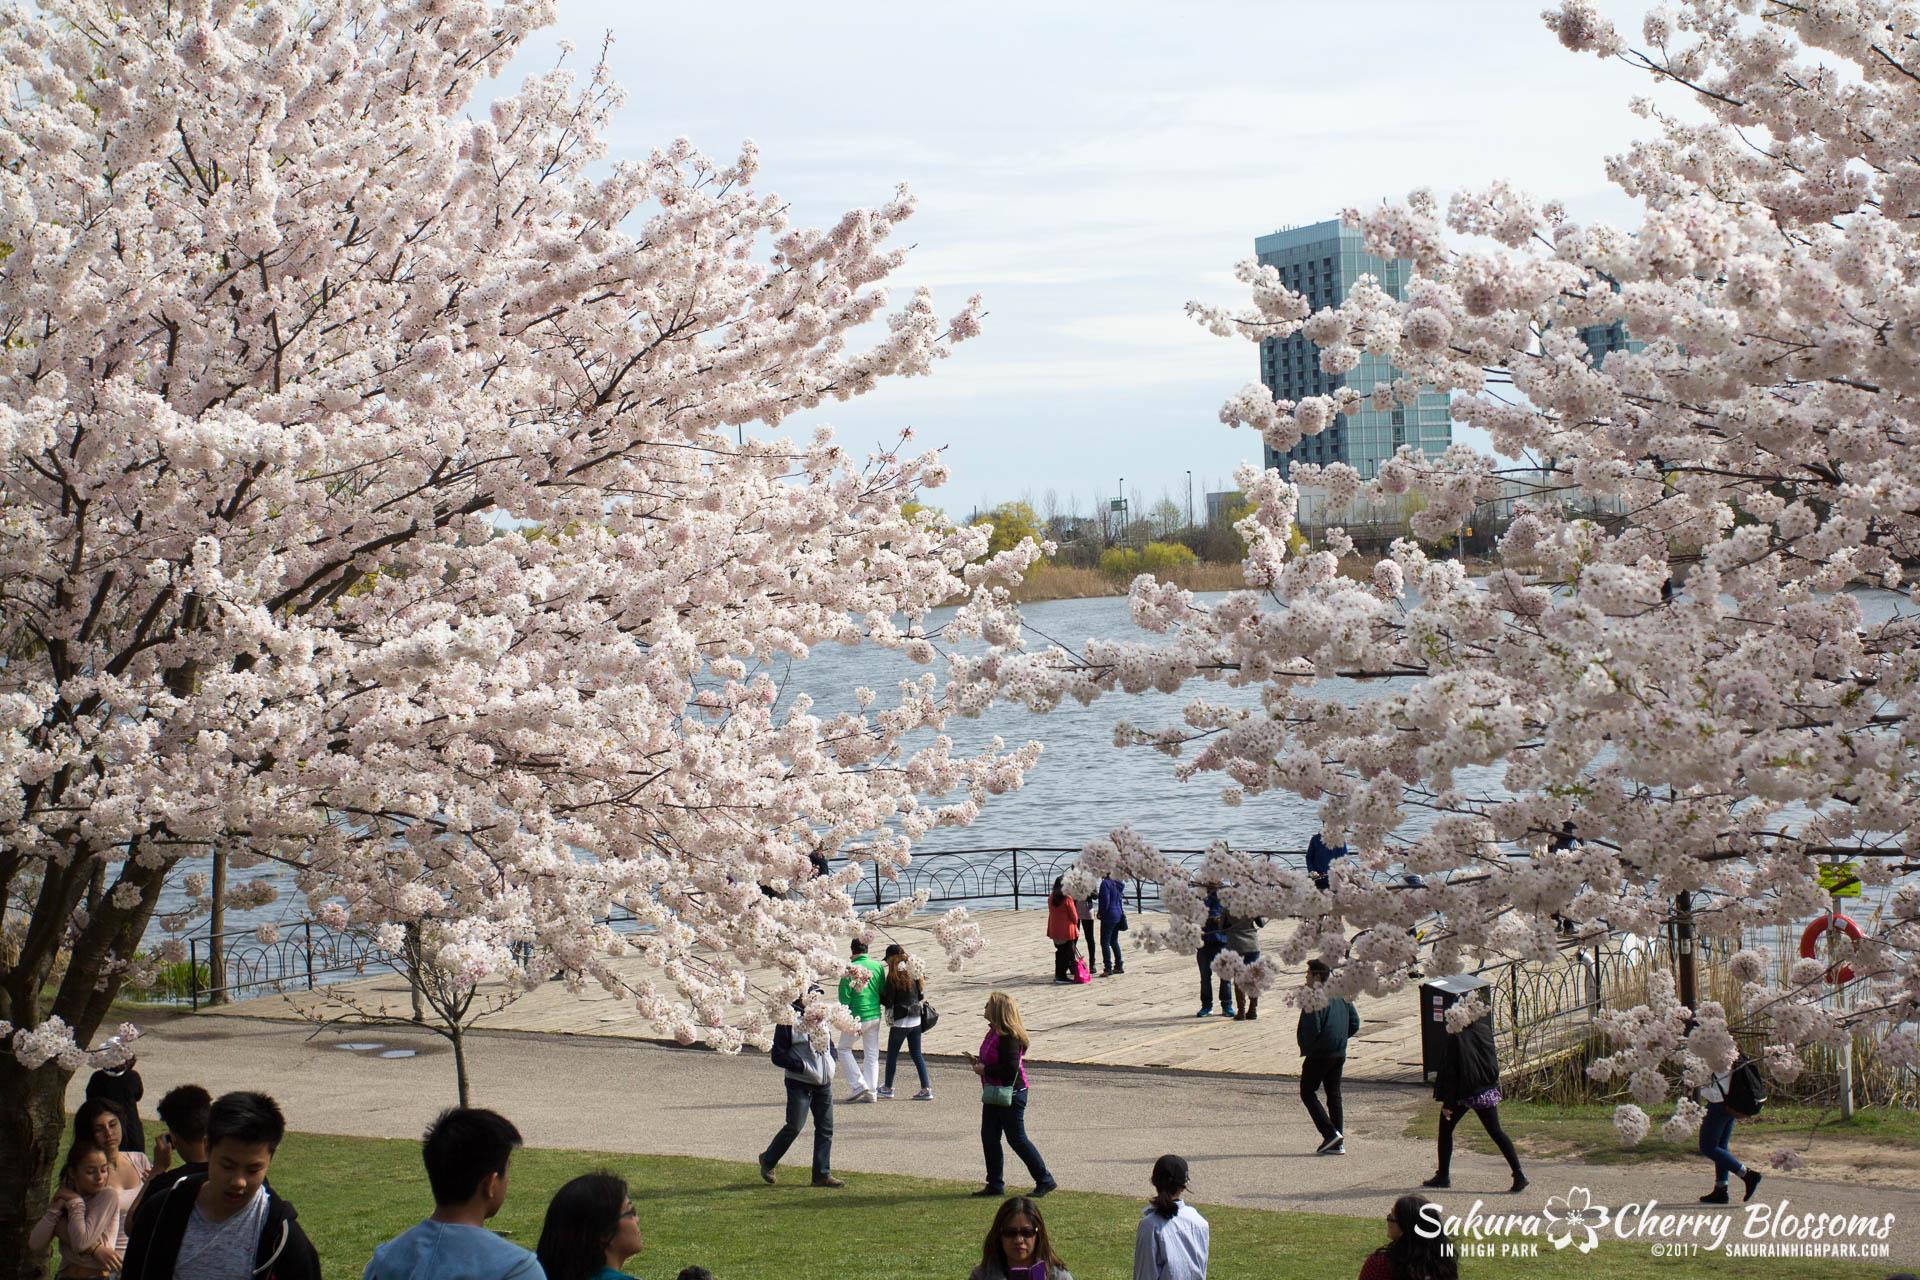 Sakura-Watch-April-28-2017-full-bloom-throughout-High-Park-5830.jpg